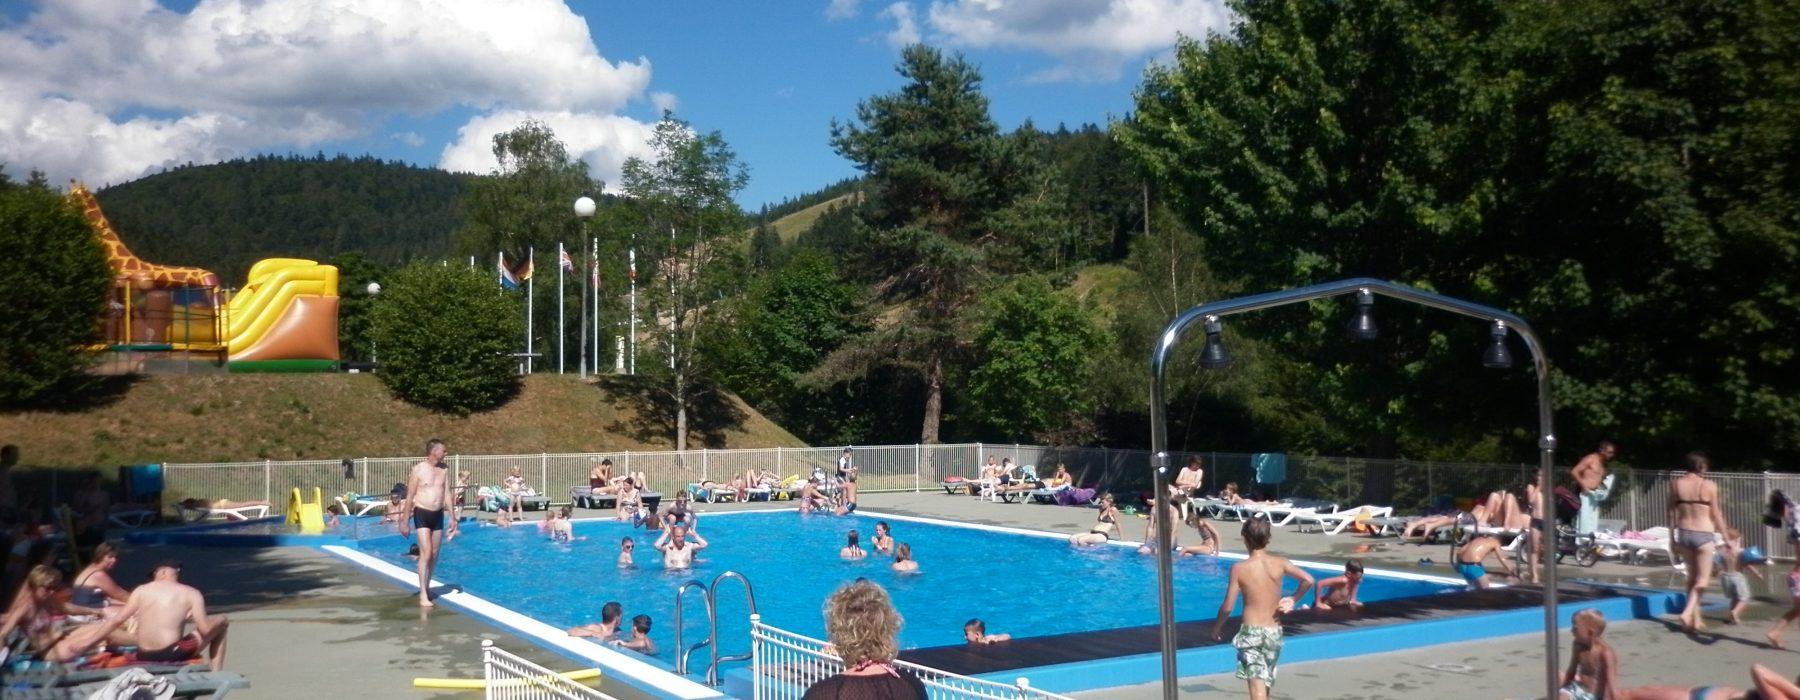 Camping Vosges Avec Piscine | Camping Belle Hutte 4* La Bresse dedans Camping Dans Les Vosges Avec Piscine